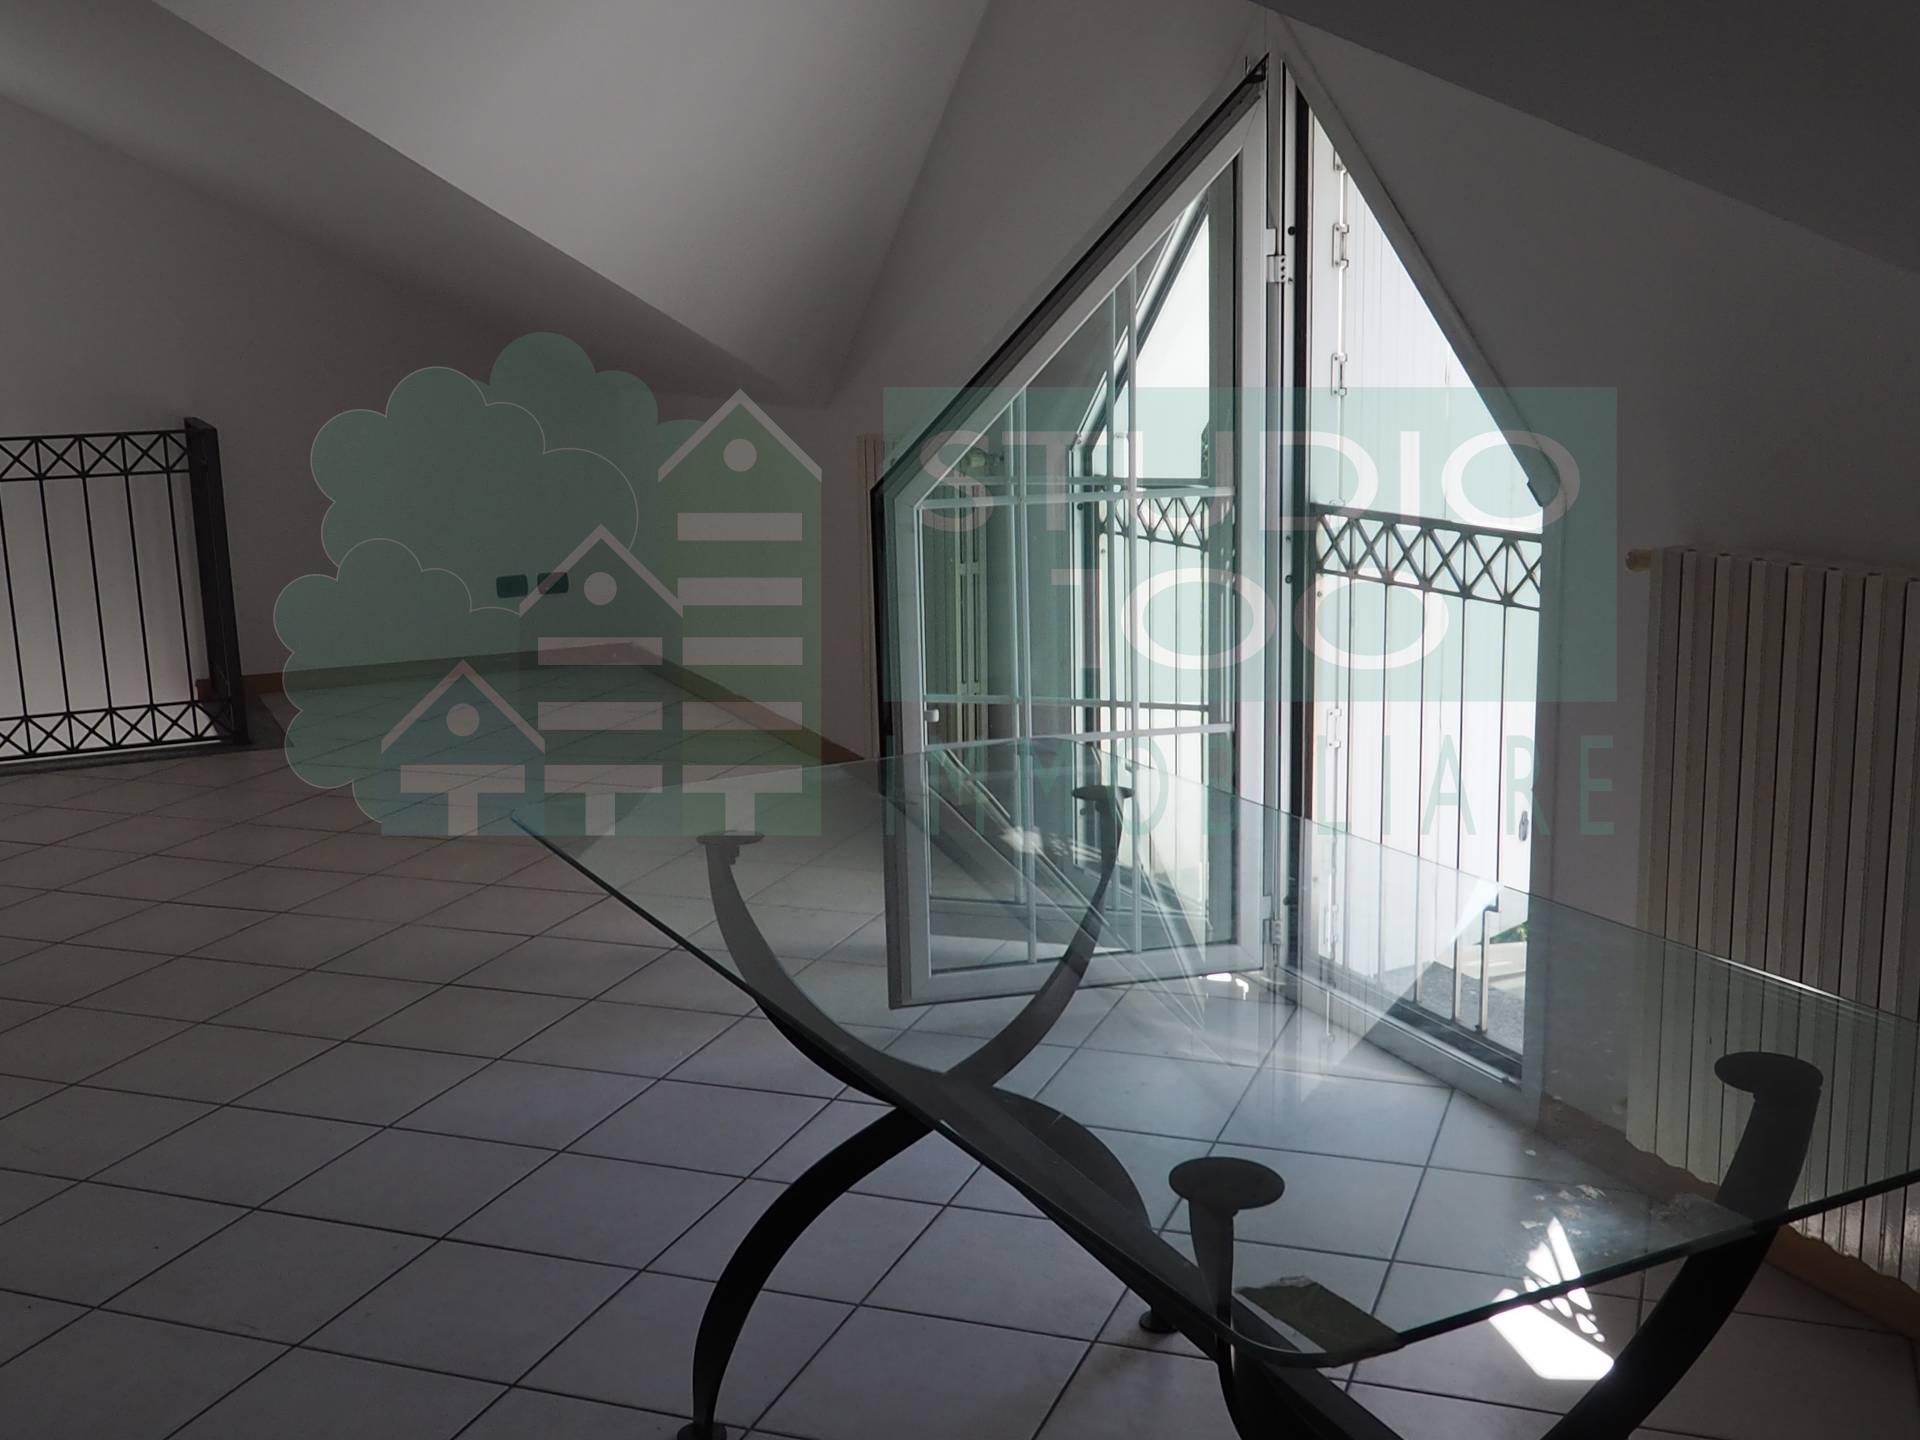 Appartamento in affitto a Gallarate, 3 locali, zona Zona: Crenna, prezzo € 500 | CambioCasa.it